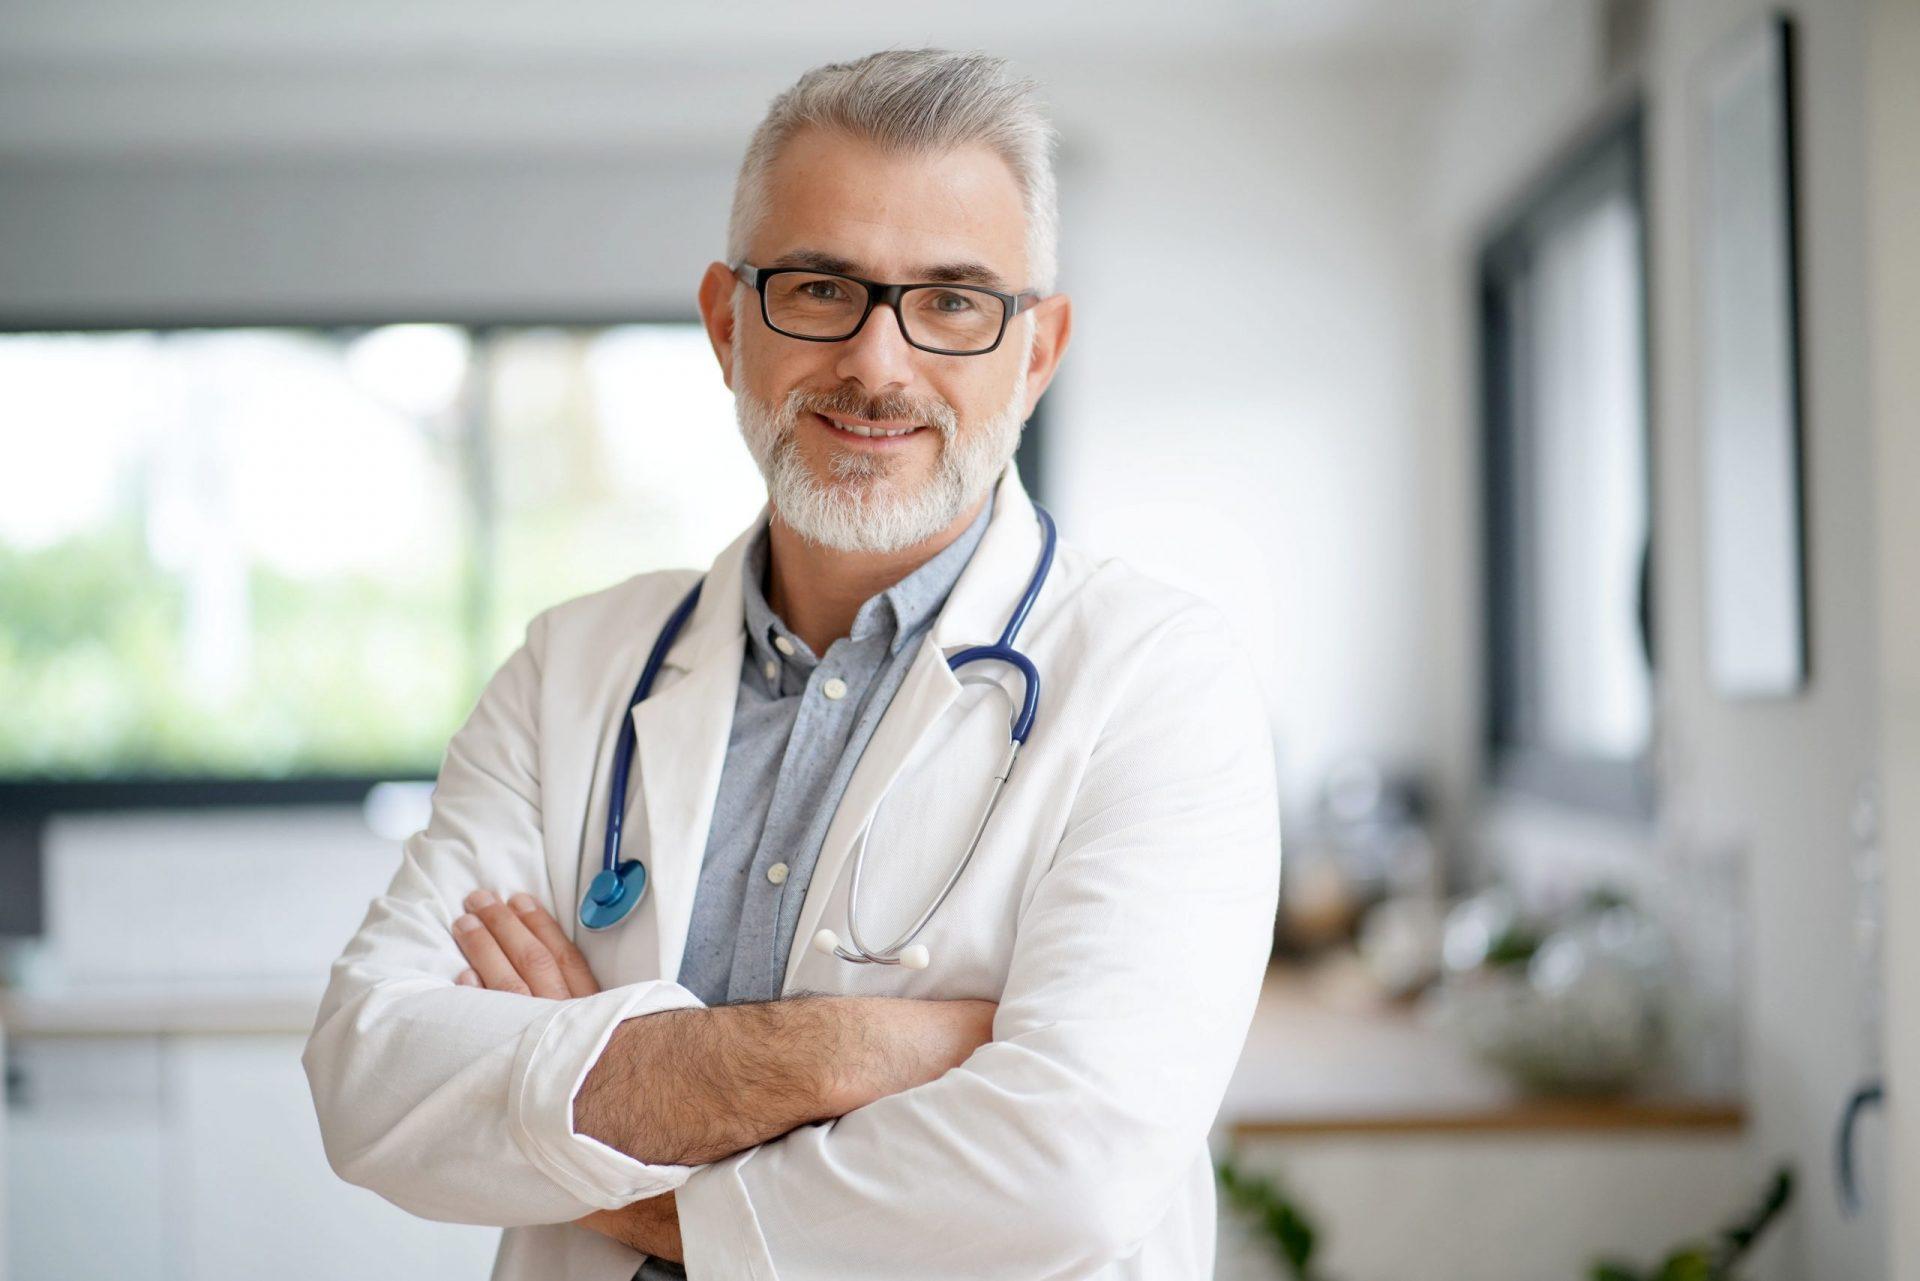 kijkoperatie liesbreuk kliniek voorschoten